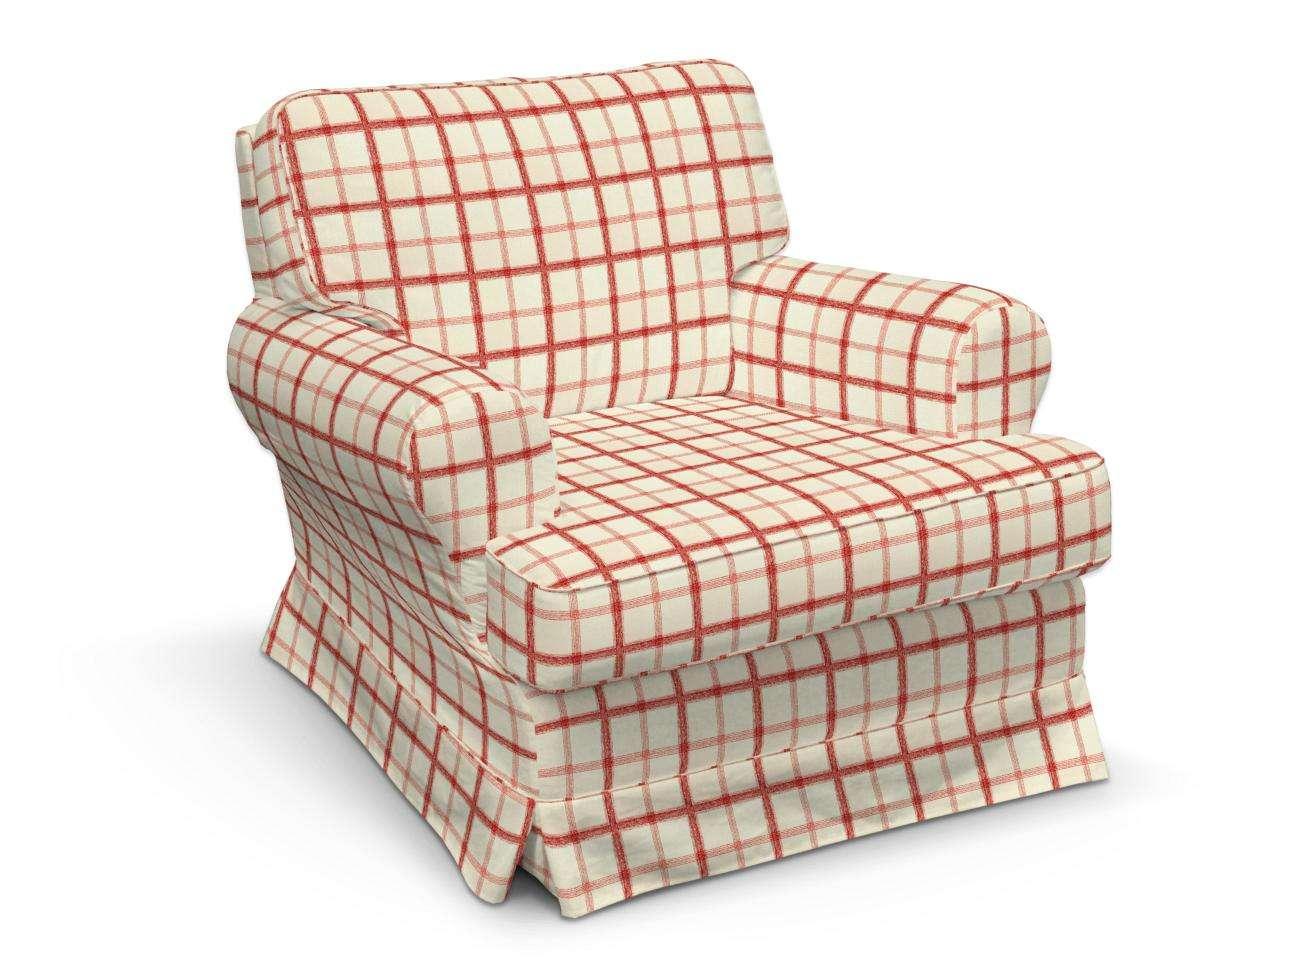 Pokrowiec na fotel Barkaby w kolekcji Avinon, tkanina: 131-15